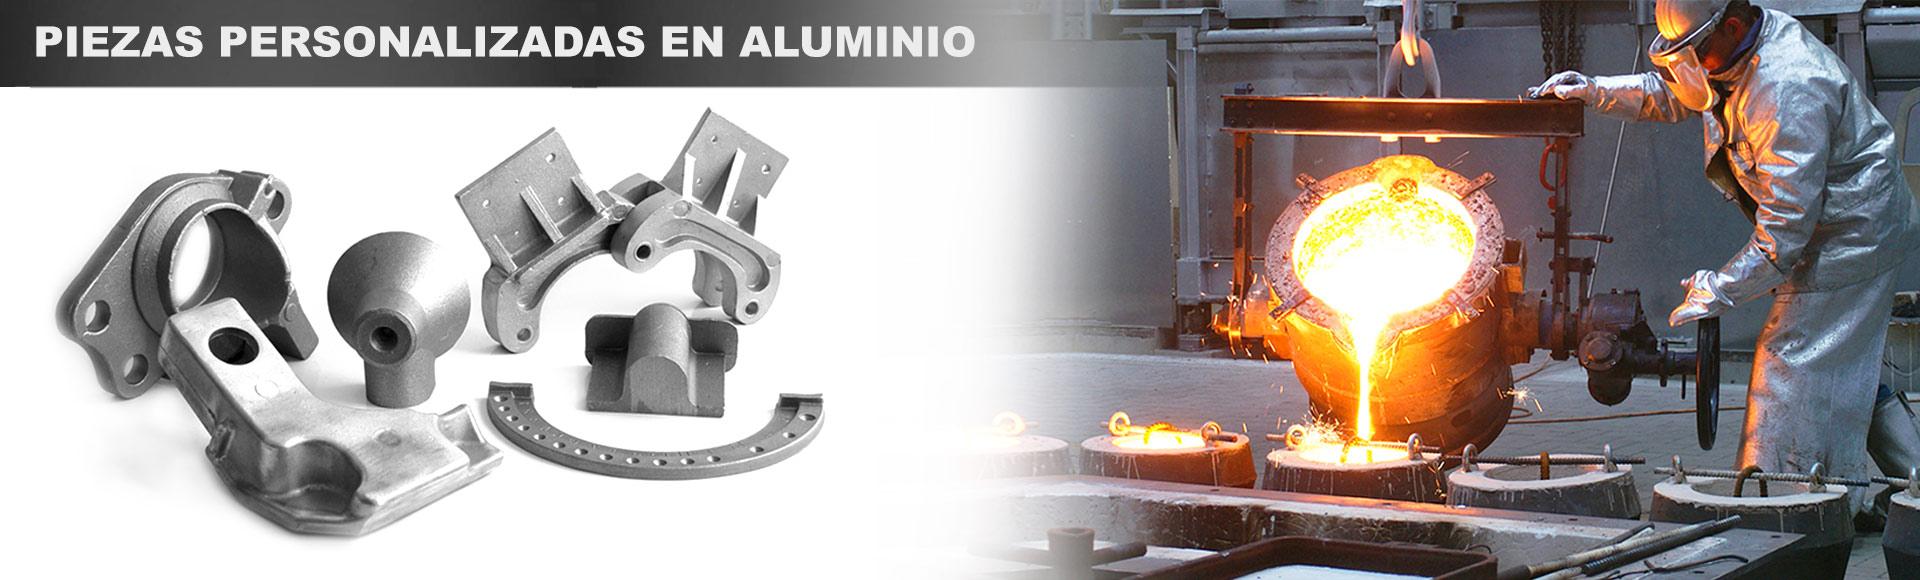 aluminio-piezas-peronalizadas